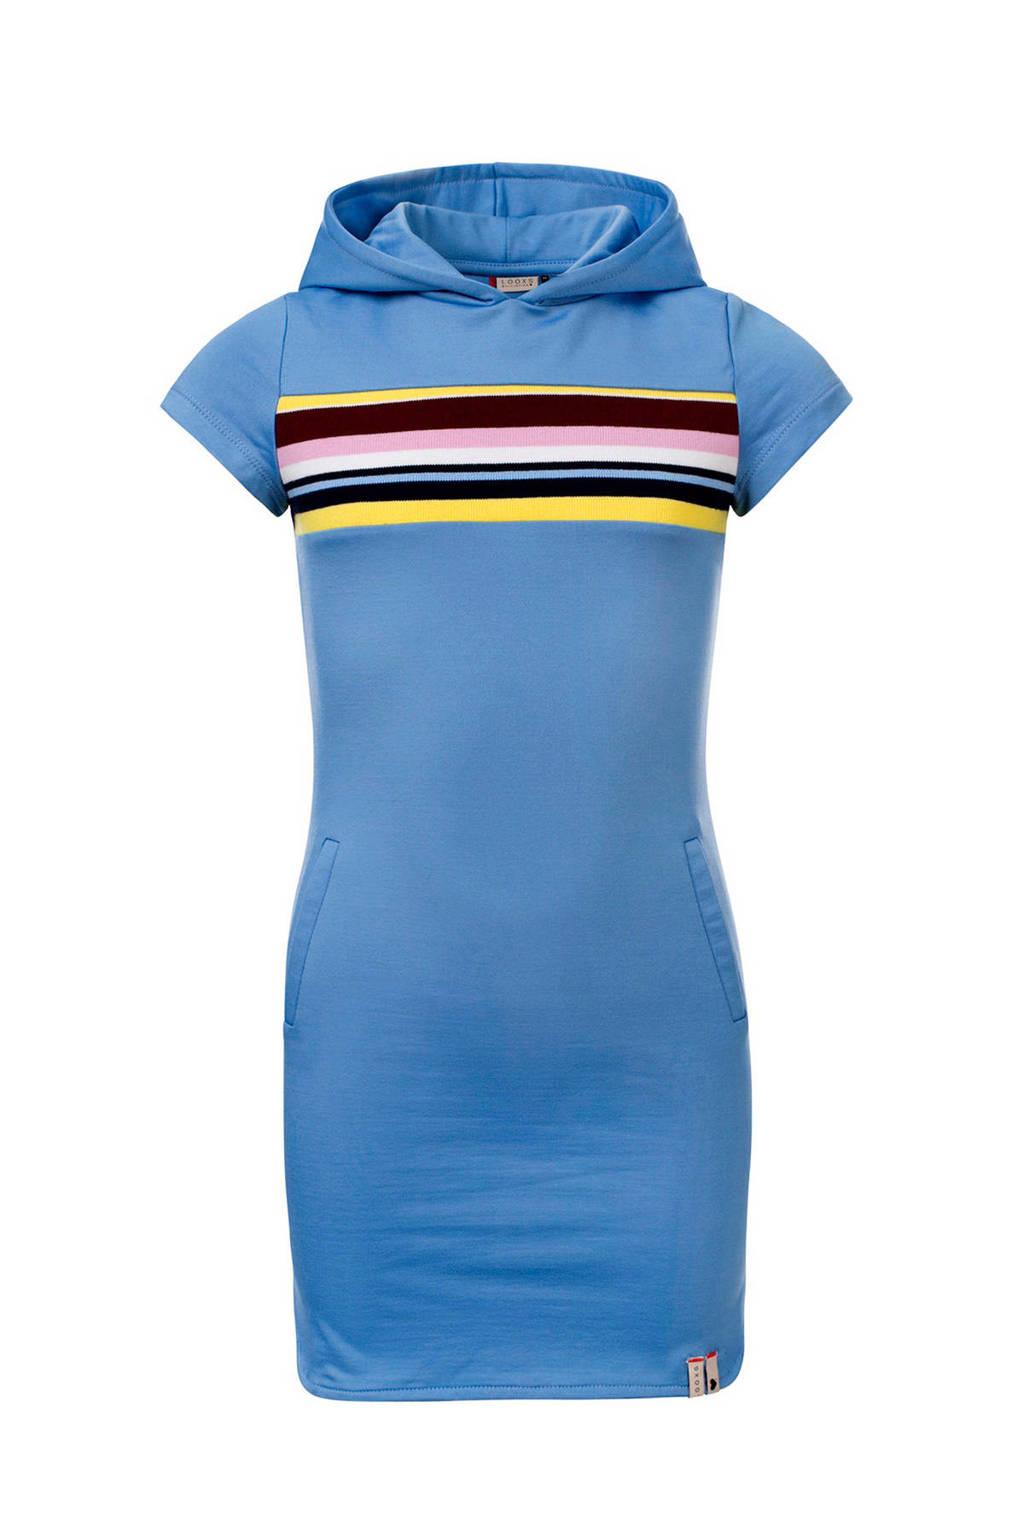 LOOXS T-shirtjurk met printopdruk lichtblauw, Lichtblauw